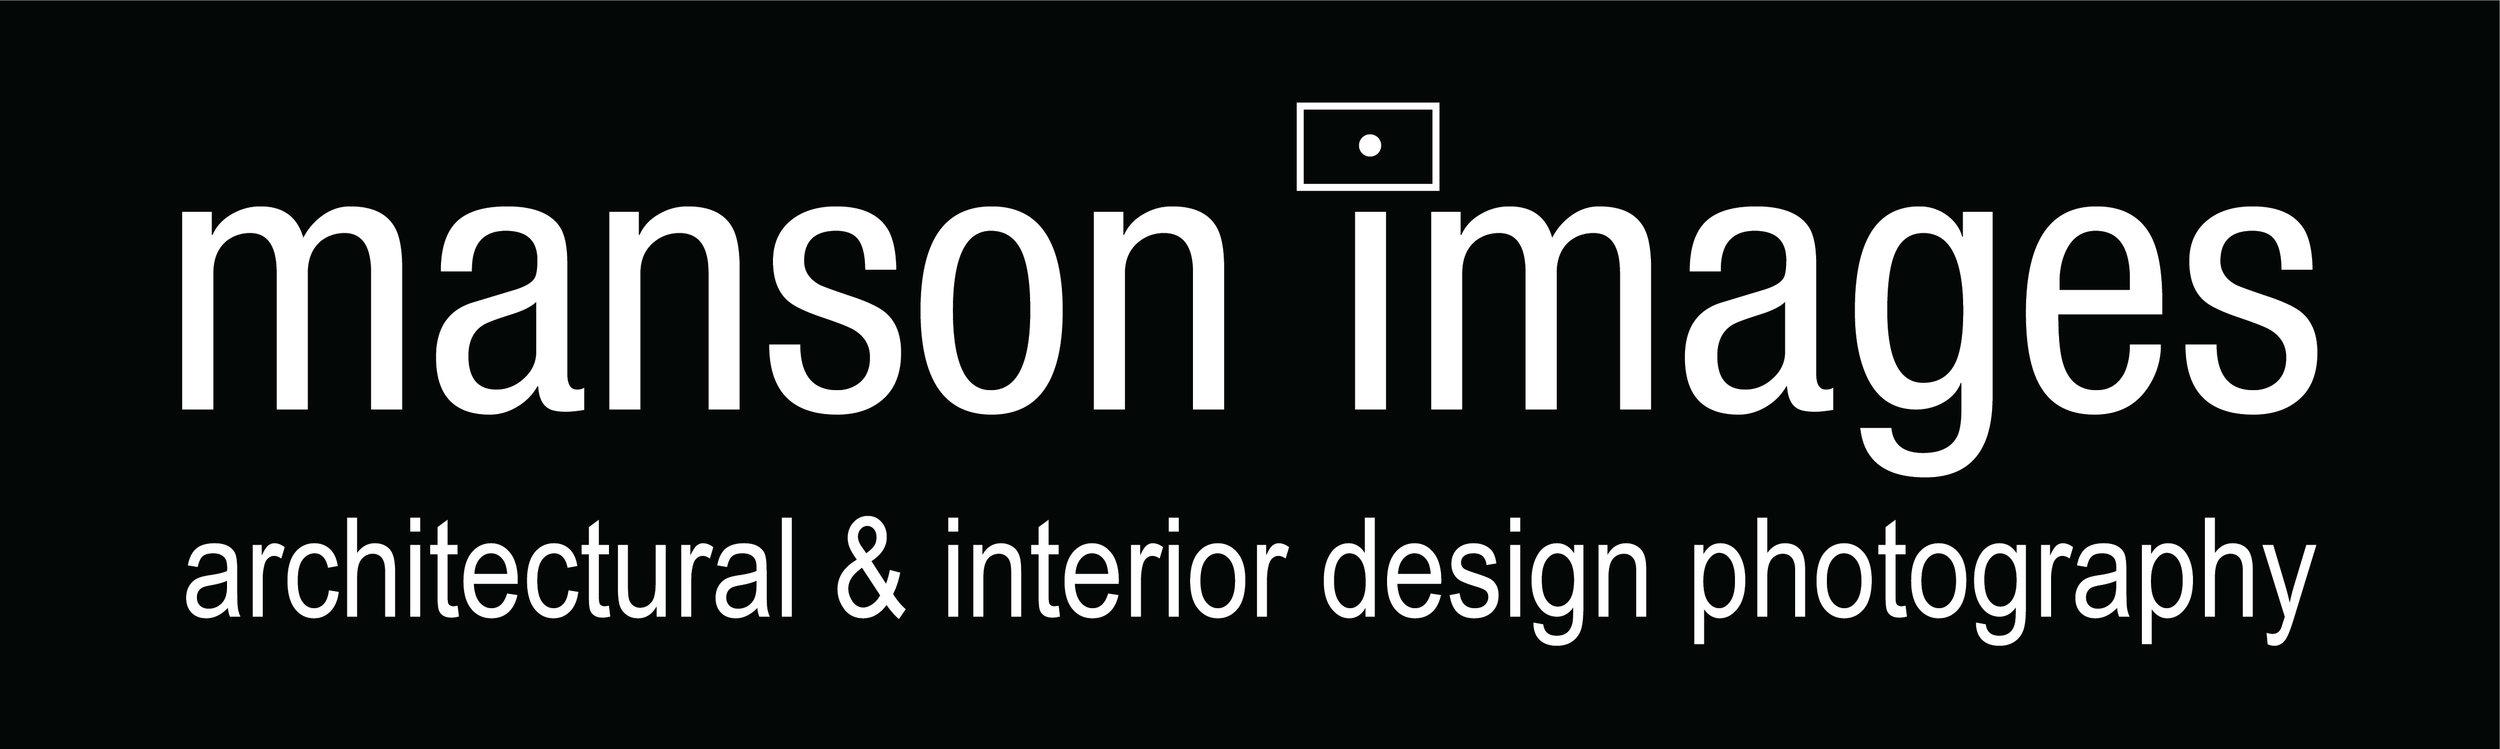 manson images logo-01.jpg